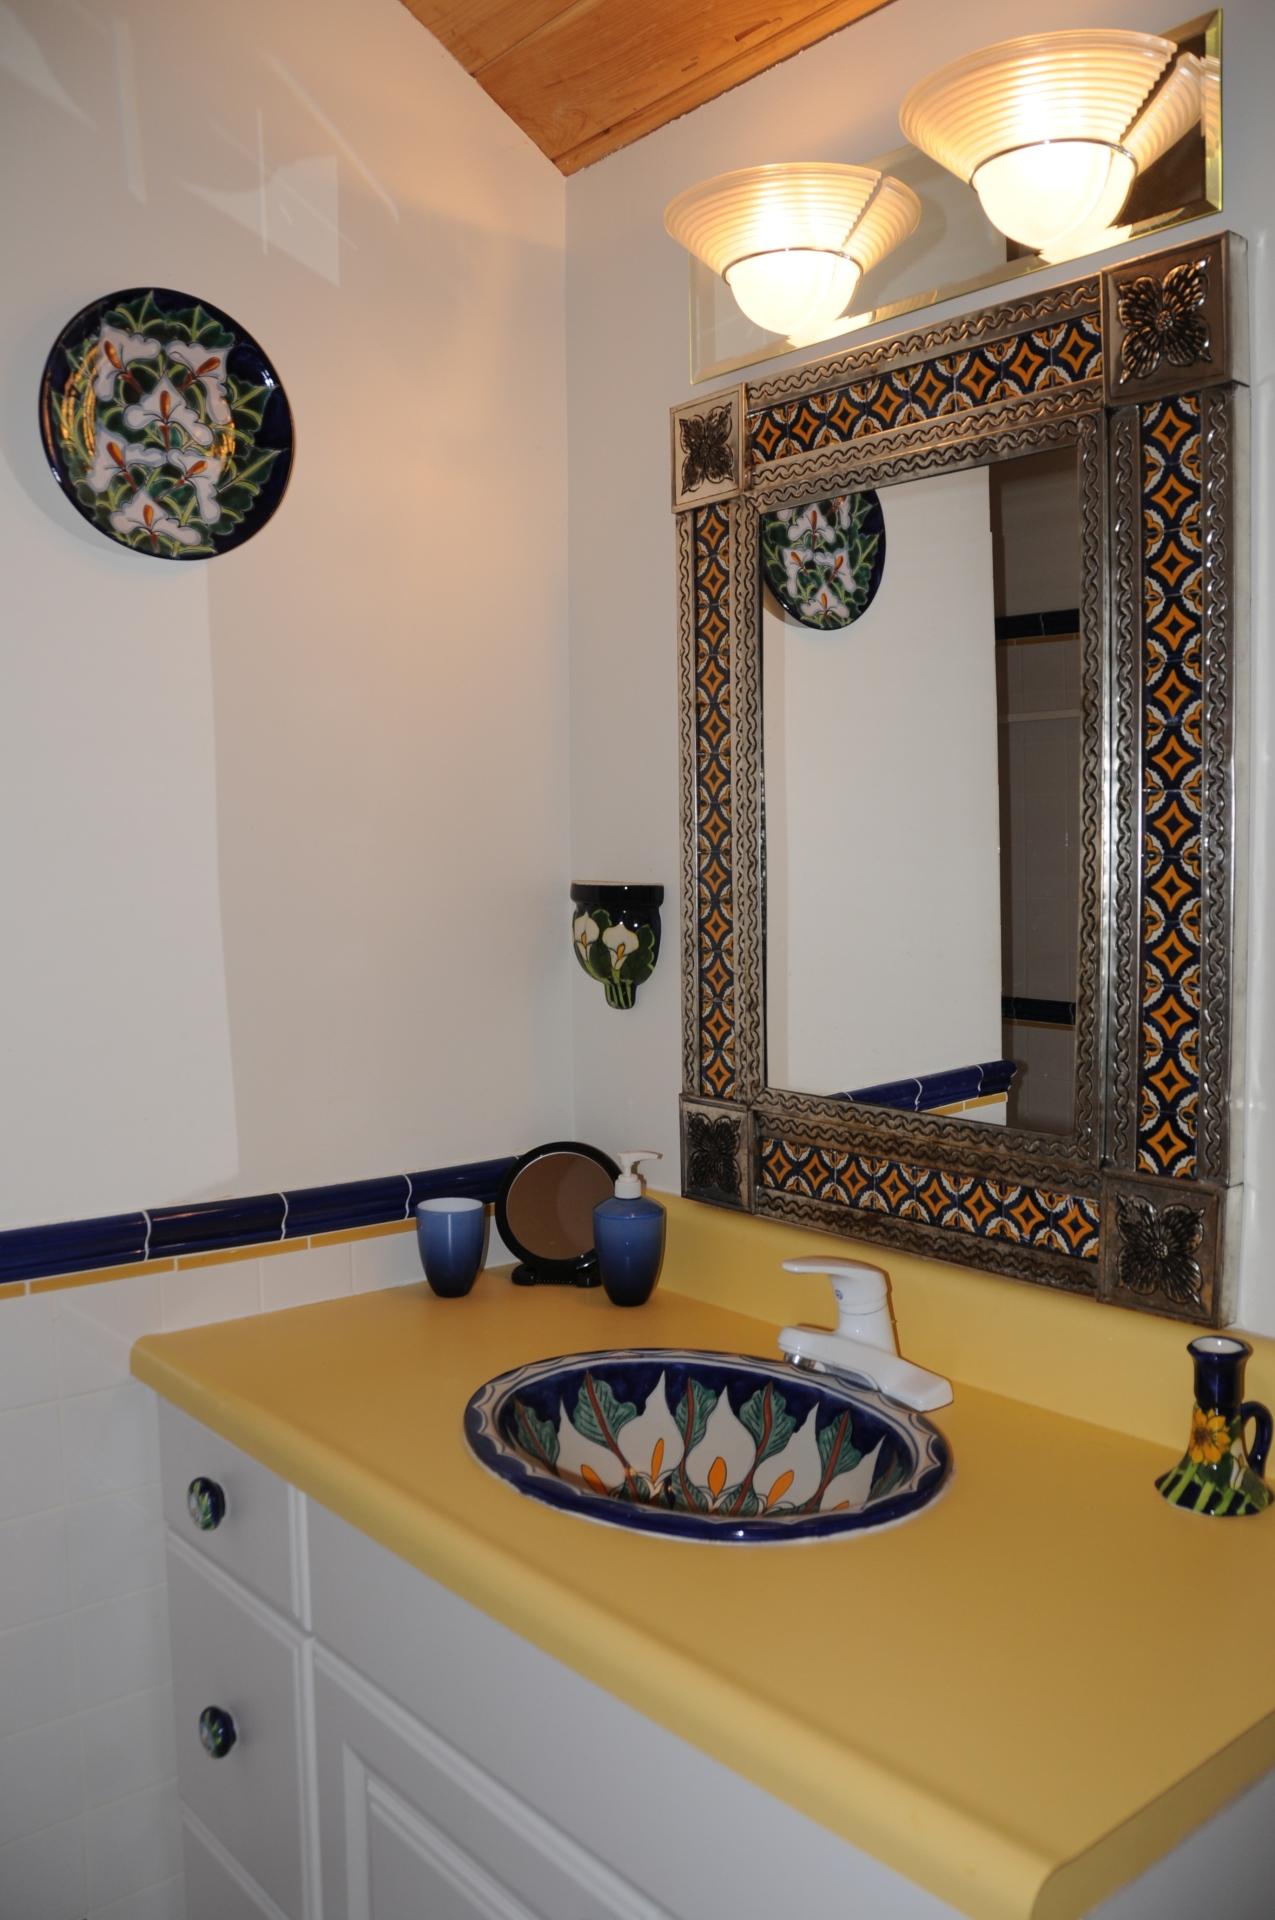 Bathroom. Sink, large shower, toilet